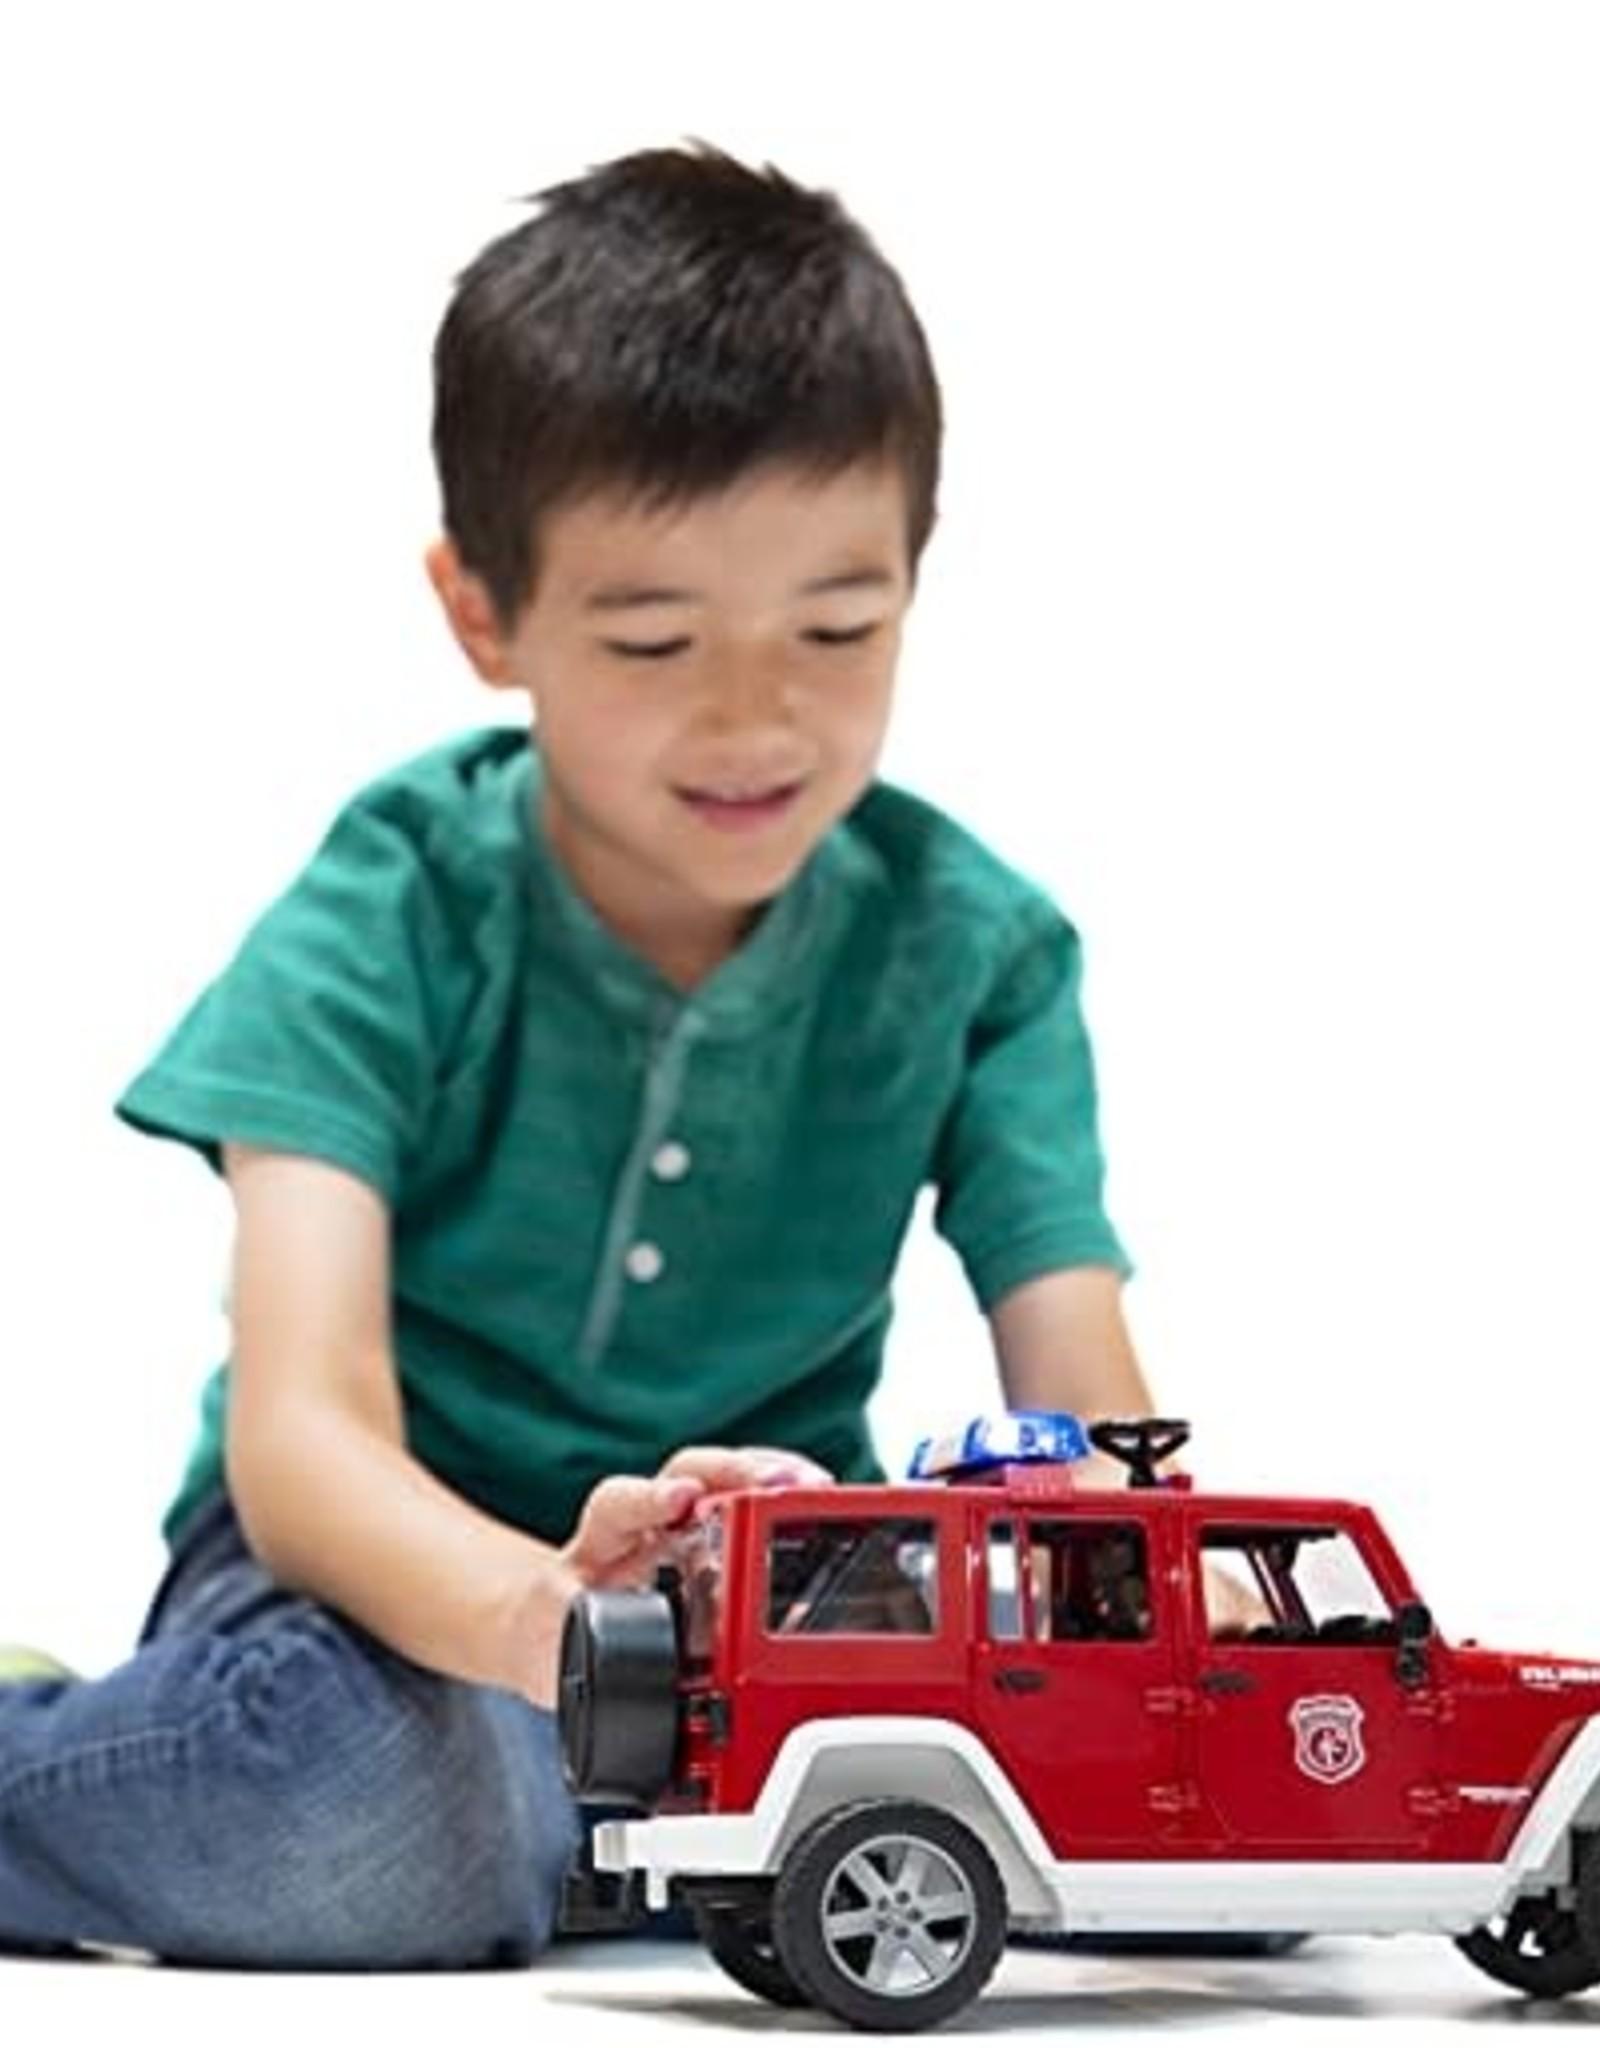 Jeep Rubicon Firetruck w/ Fireman